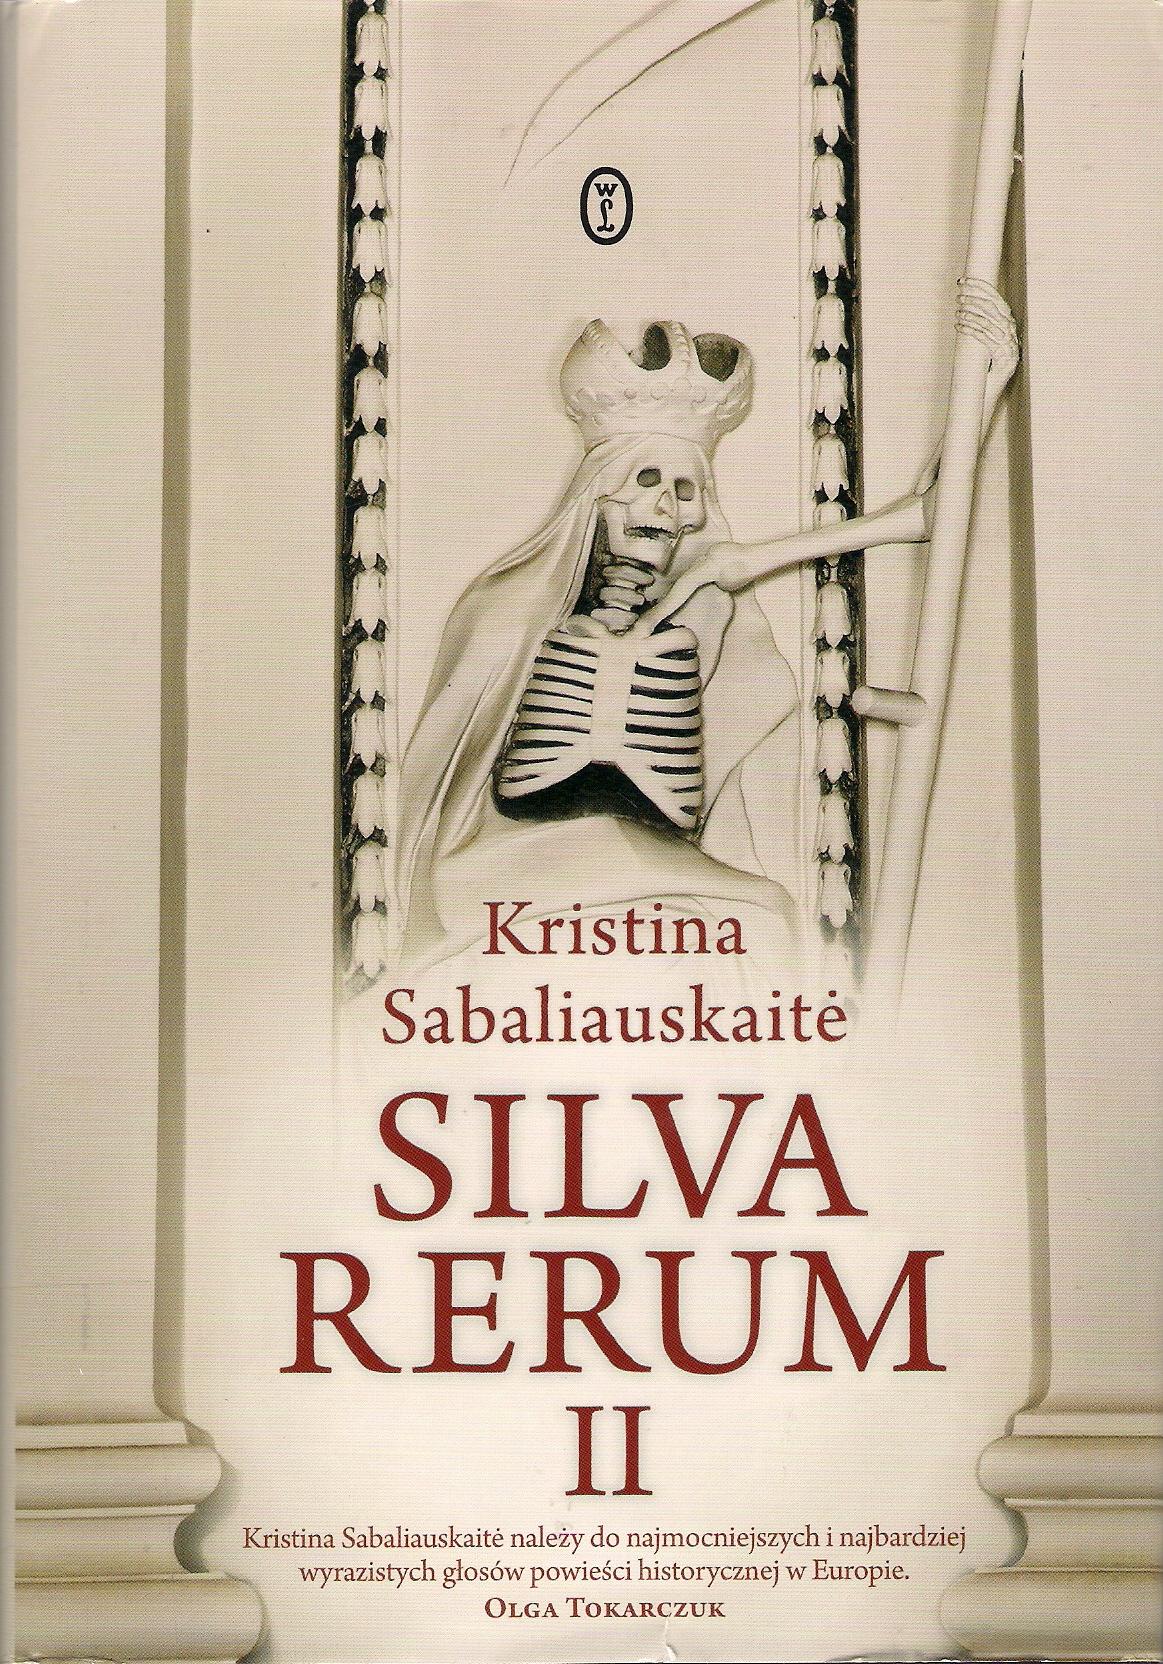 """Kristina Sabaliauskaité, """"Silva rerum"""", tłum. Izabela Korybut-Daszkiewicz, Wydawnictwo Literackie, tom I - 512 s., t. II - 402 s."""